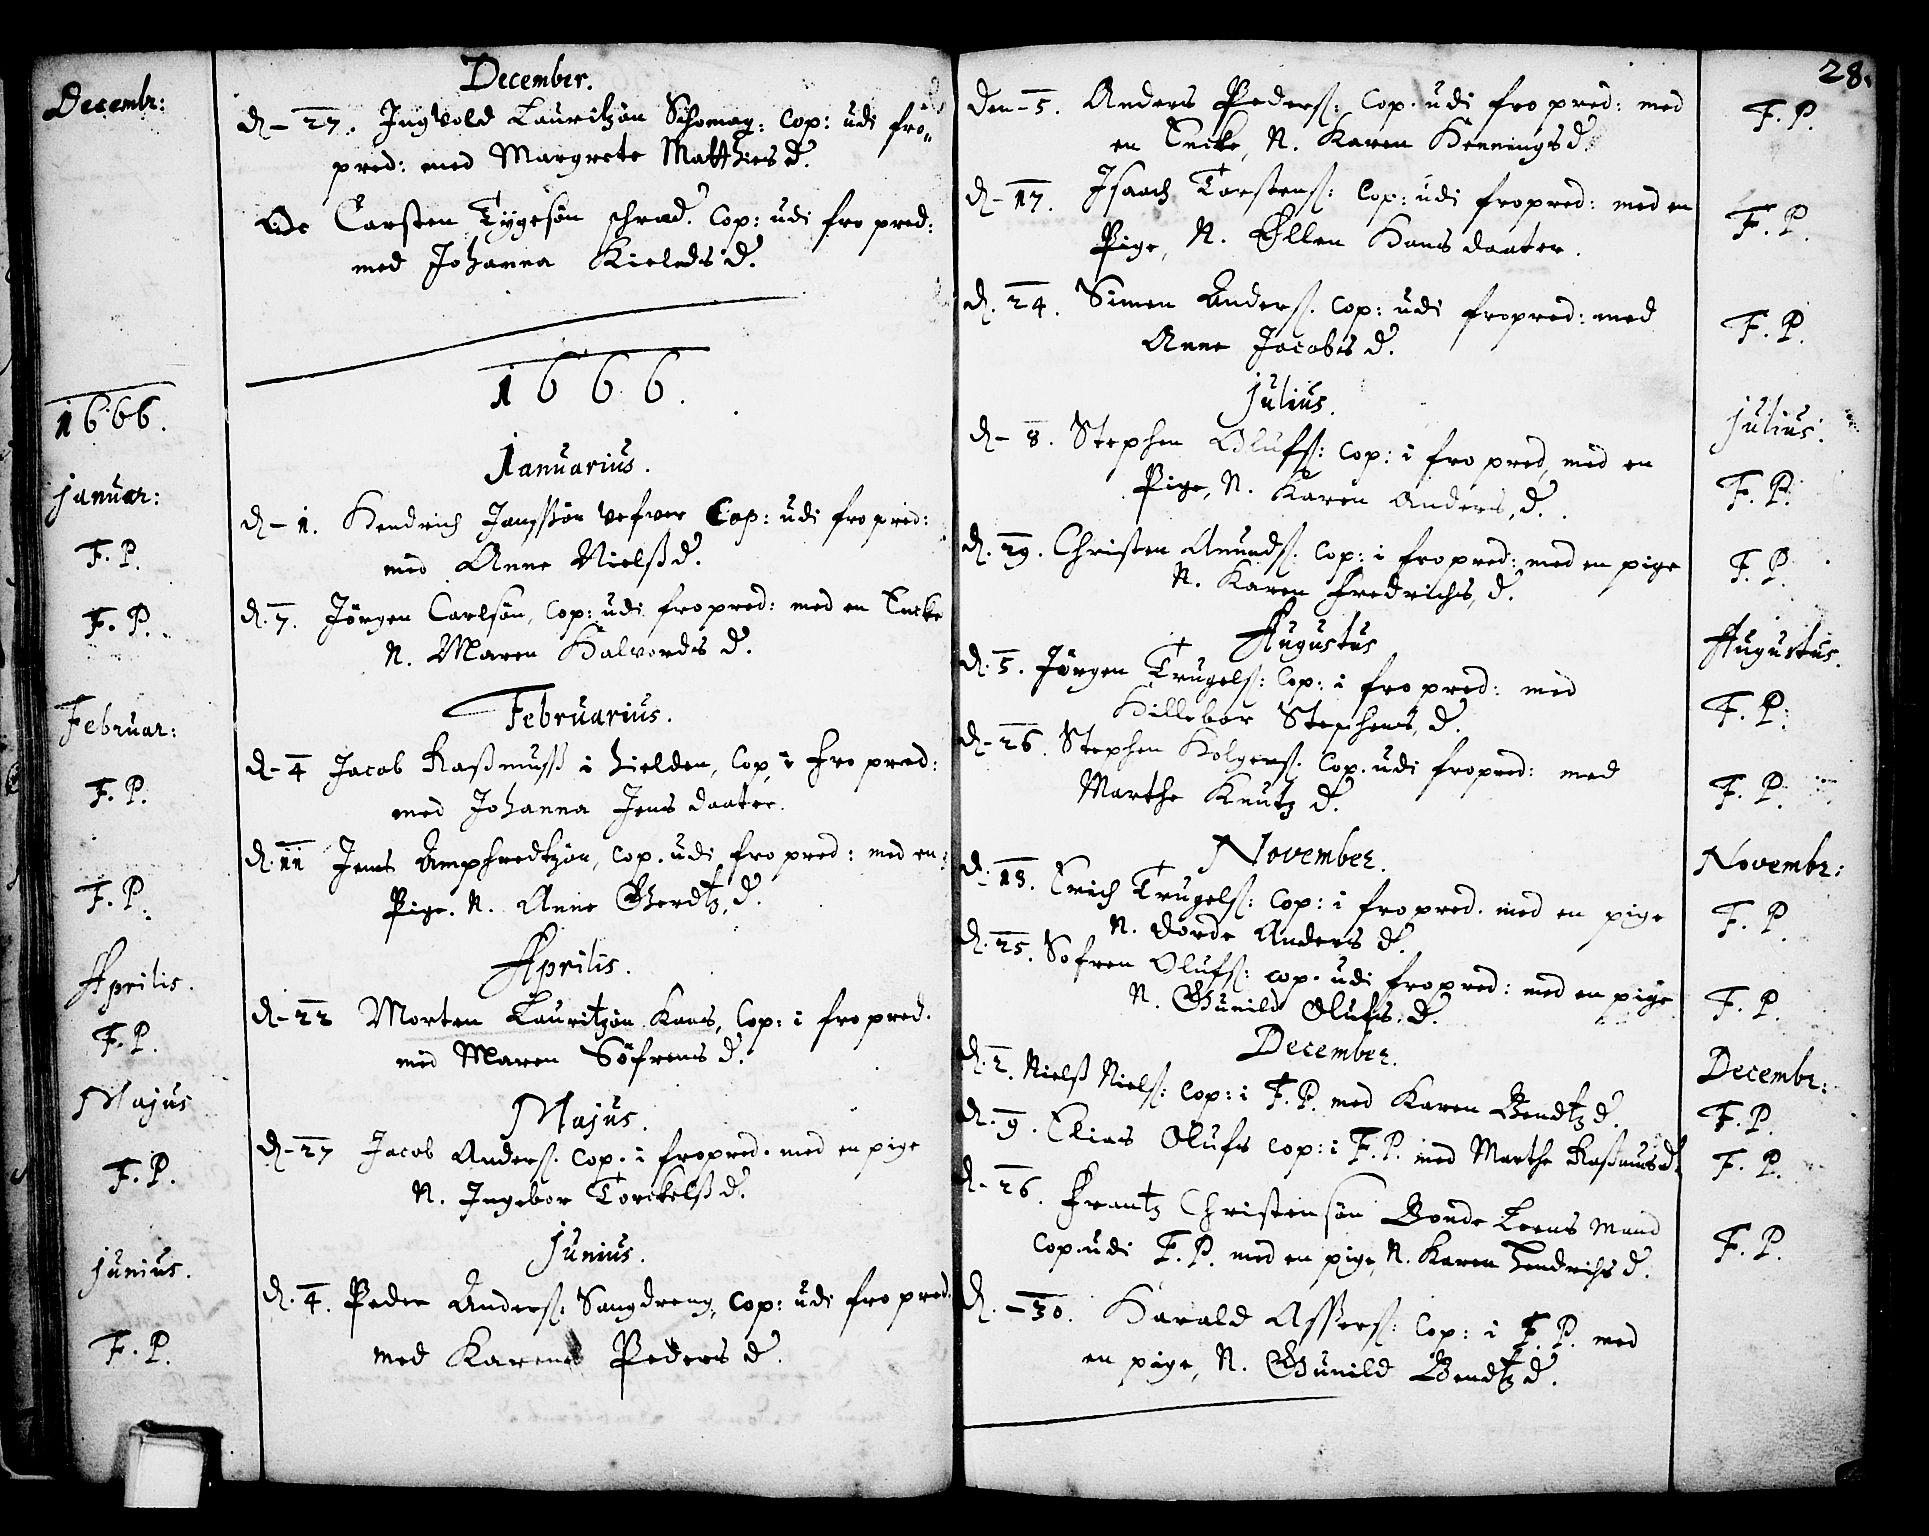 SAKO, Skien kirkebøker, F/Fa/L0001: Ministerialbok nr. 1, 1659-1679, s. 28